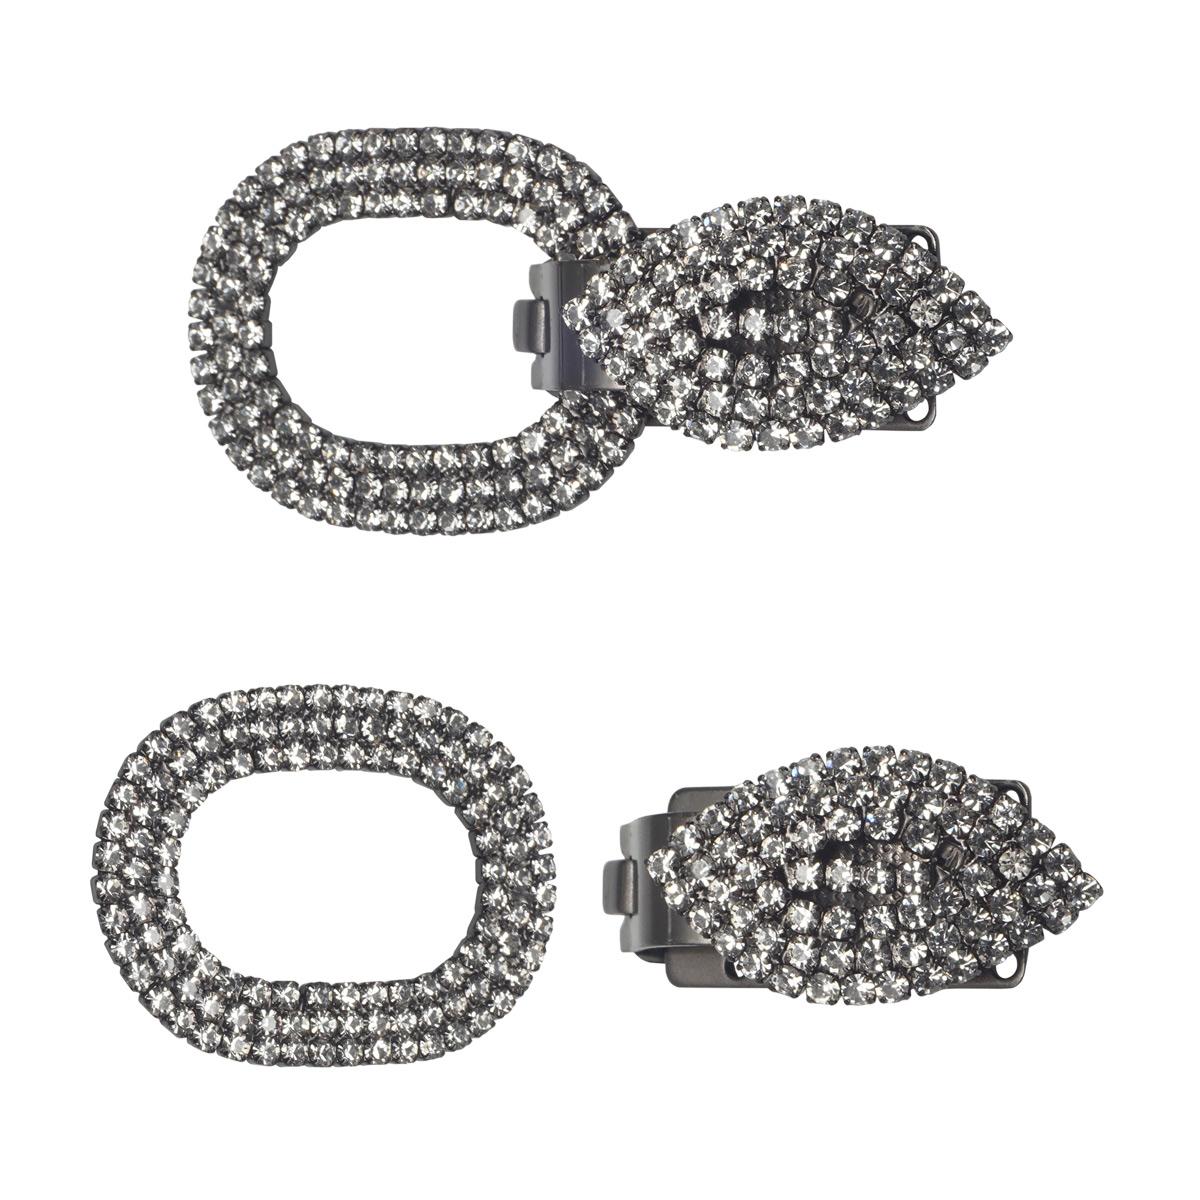 AB3931 Крючок шубный со стразами, Cristal (черный никель)